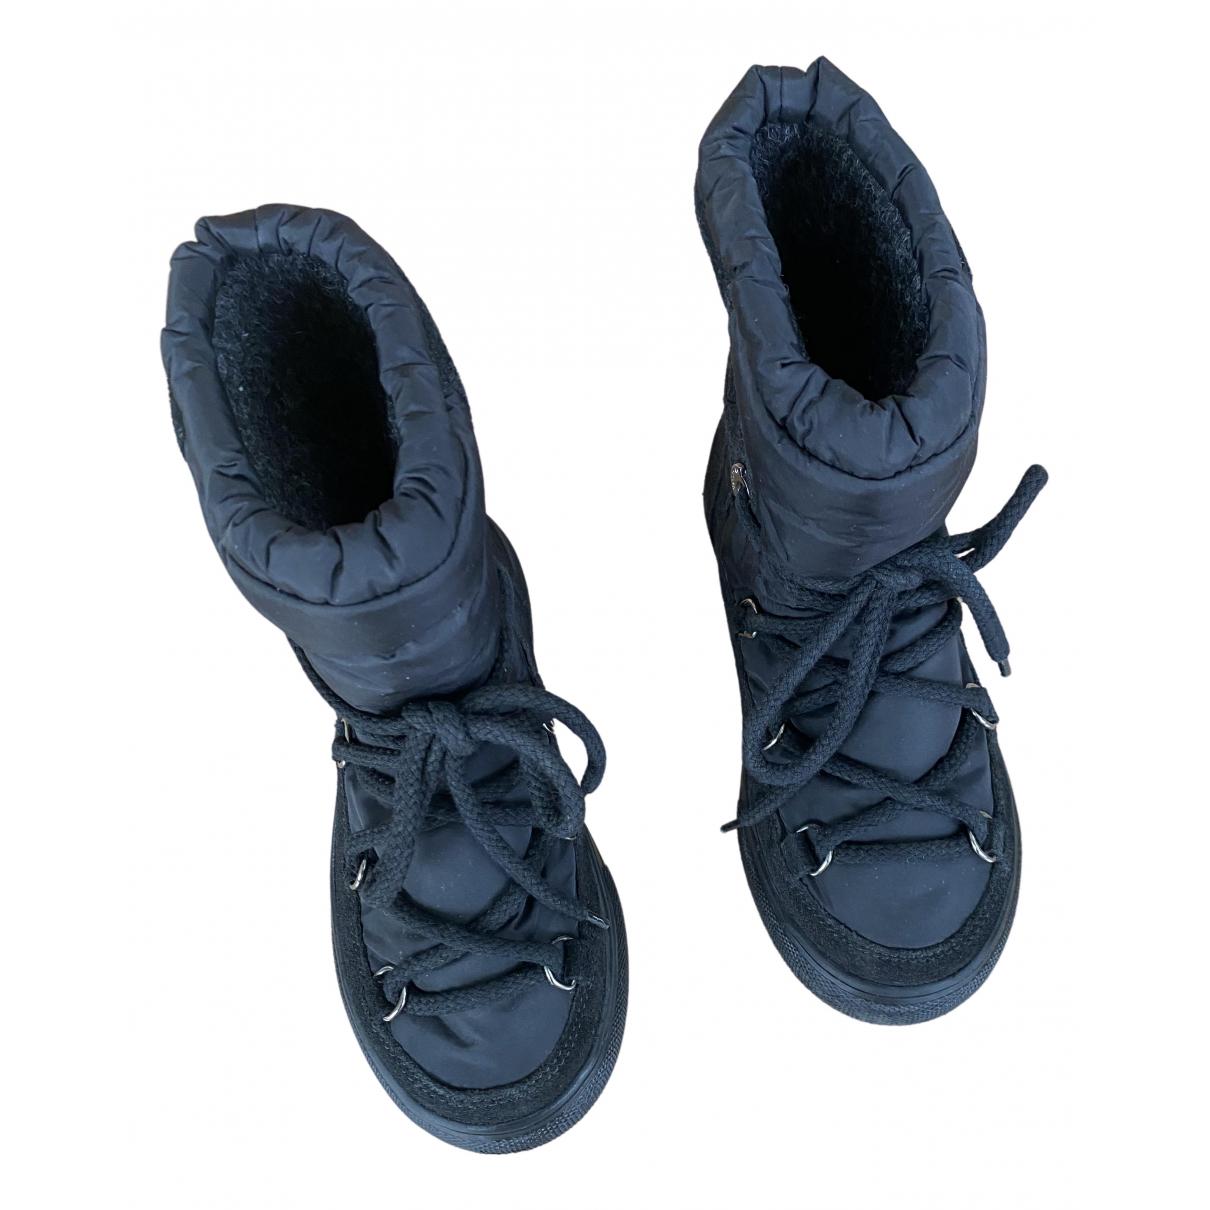 Moncler - Bottes.Bottines   pour enfant en cuir - noir